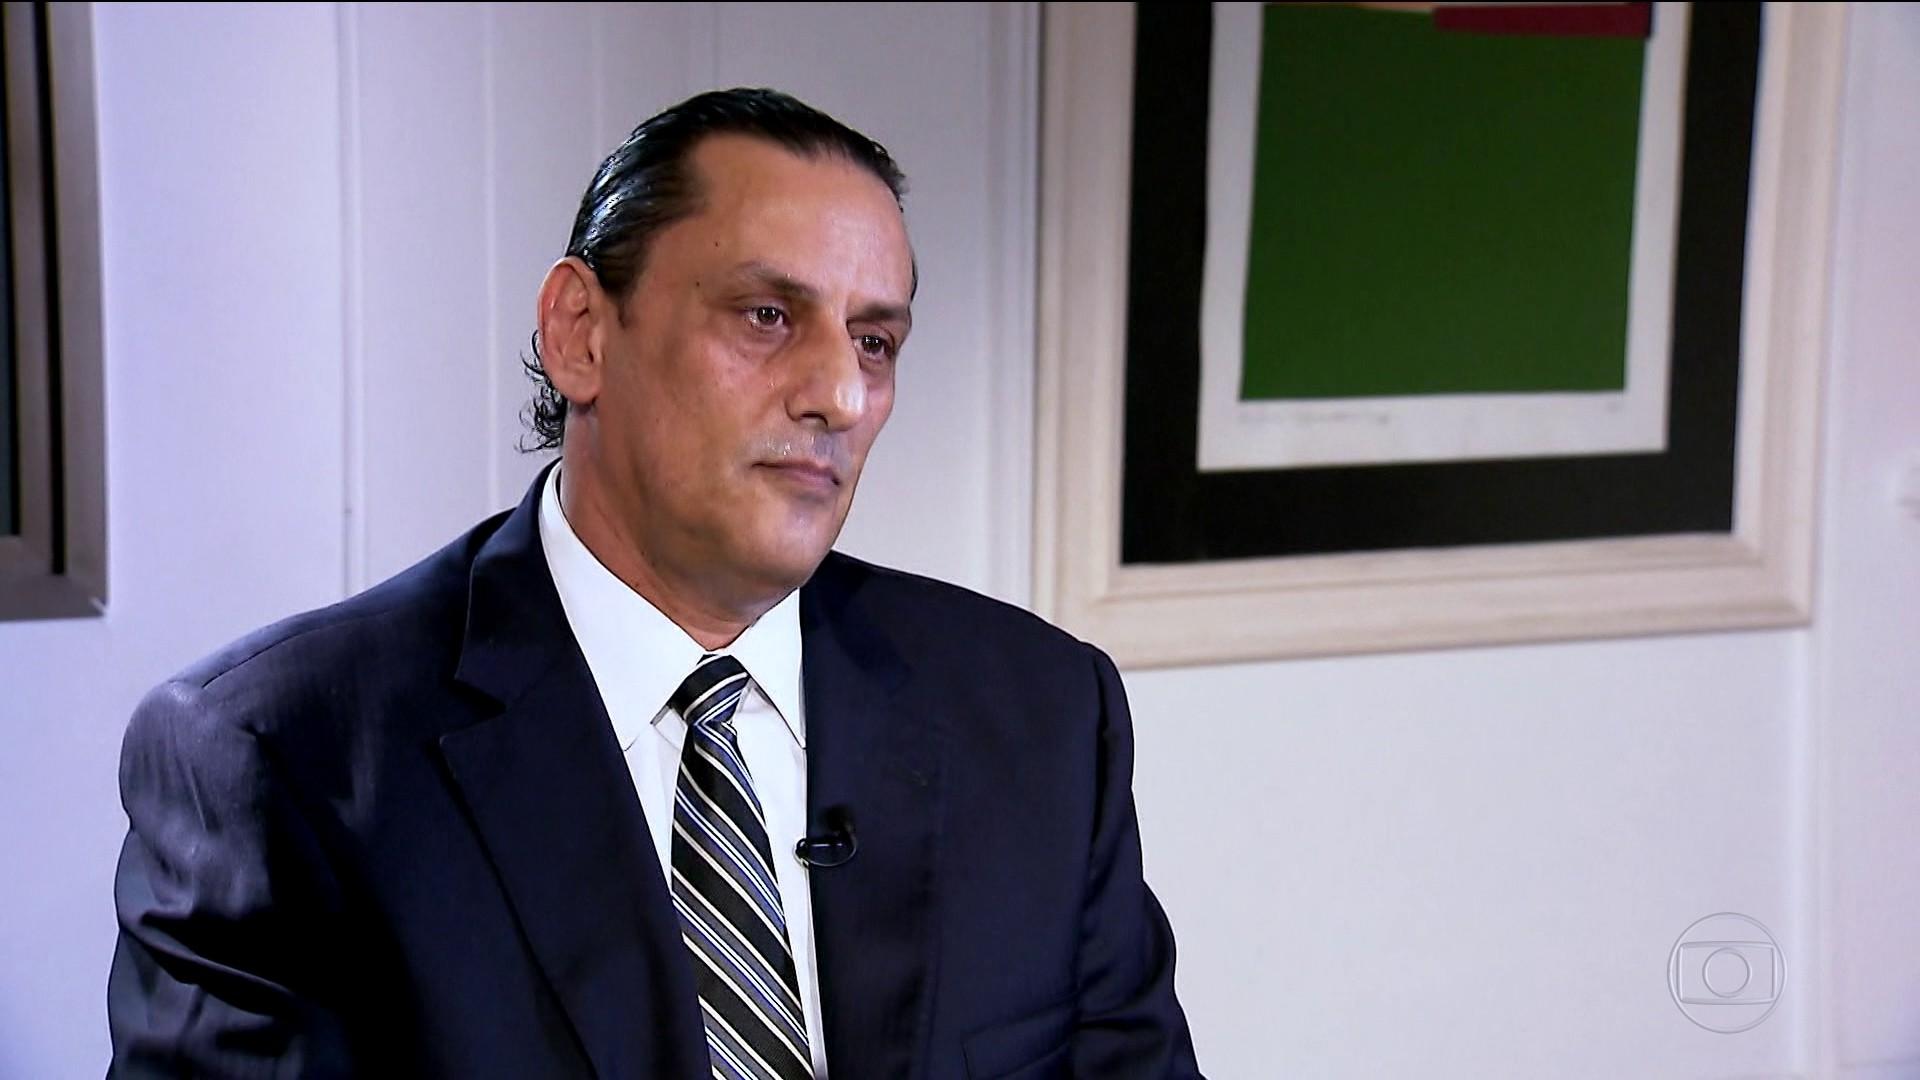 Wassef diz que 'não entrou' no Palácio do Planalto, mas 'passou no estacionamento'